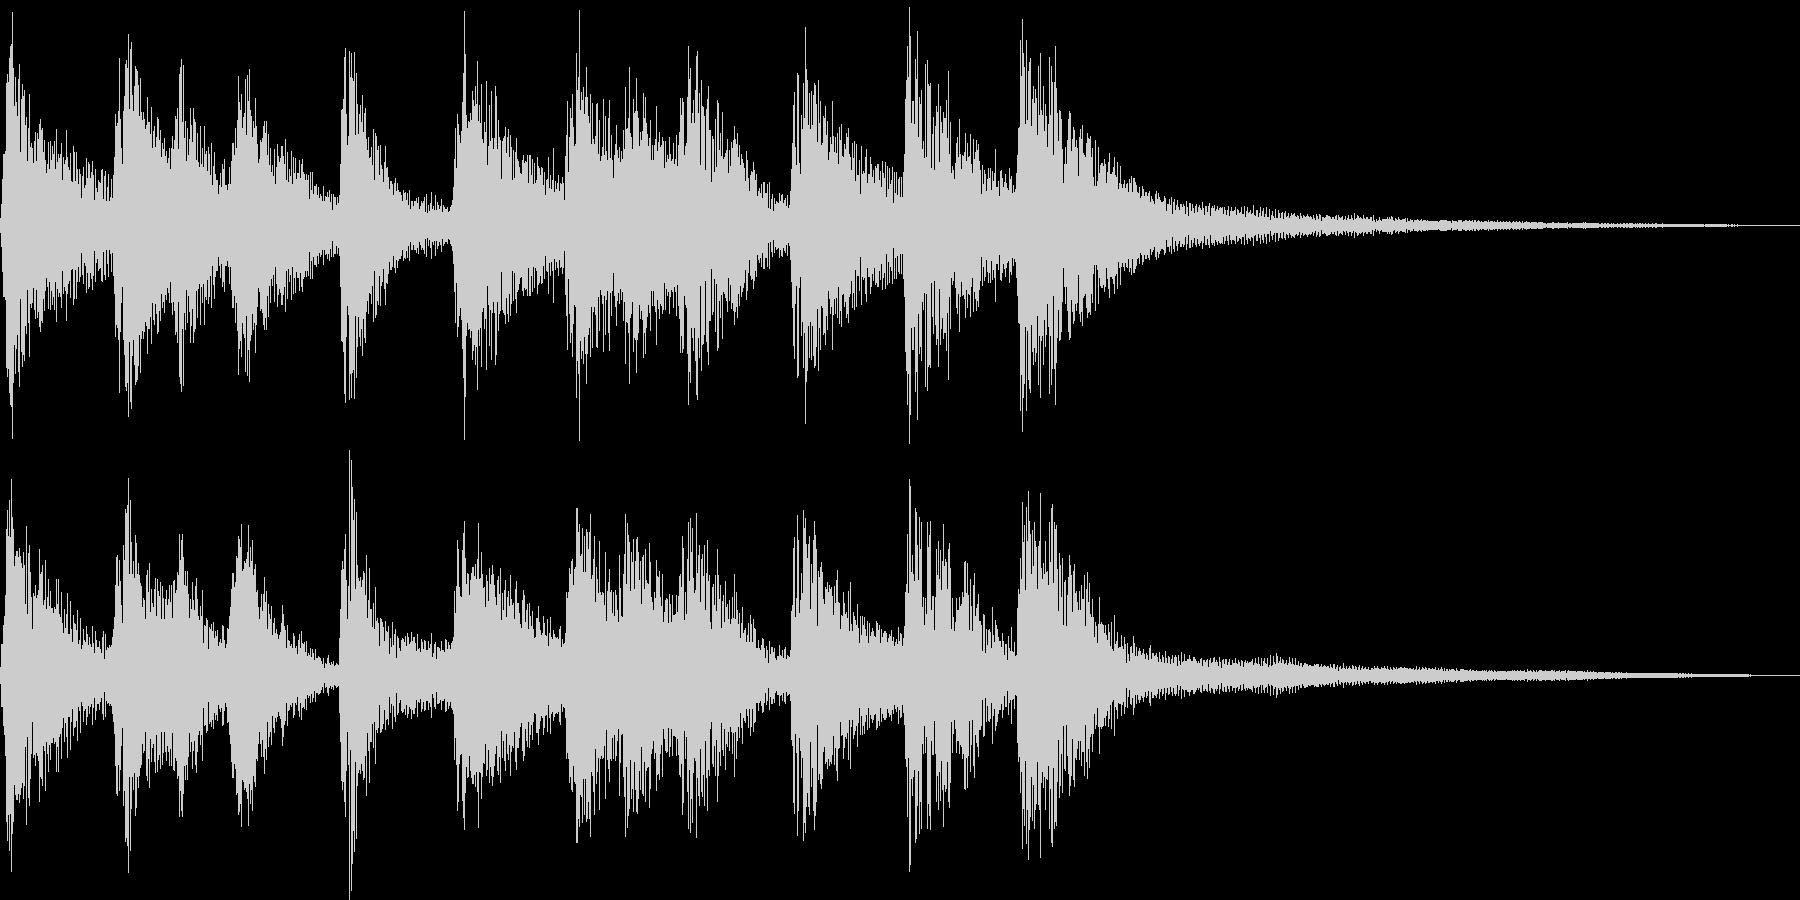 シンプルな三味線和風ジングル声有りの未再生の波形